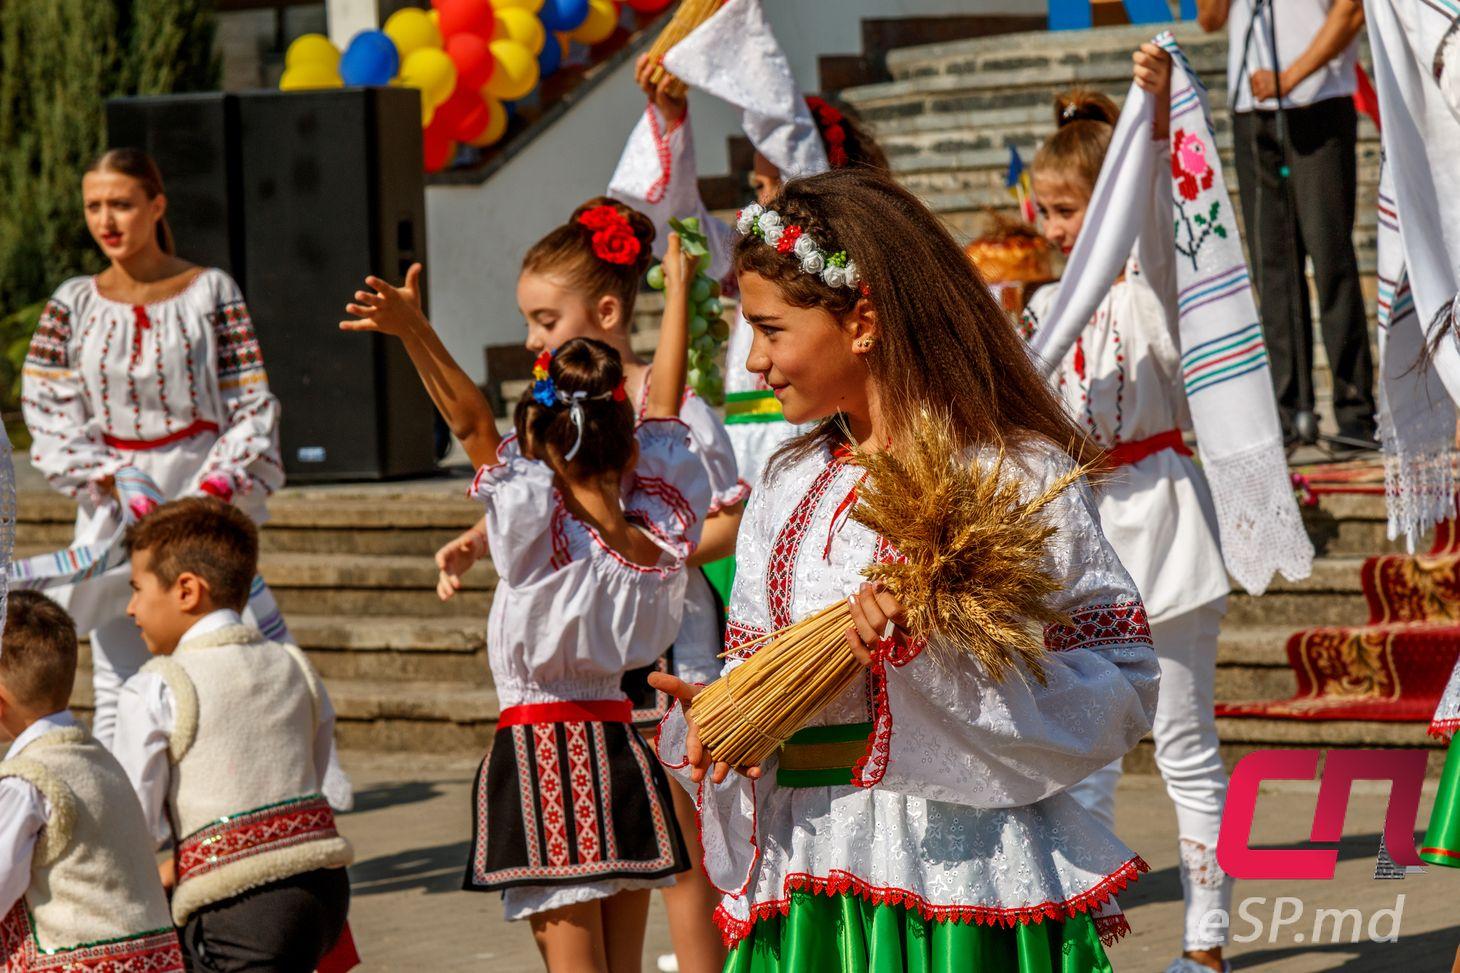 история молдавии картинки даже некоторых радиолюбителей